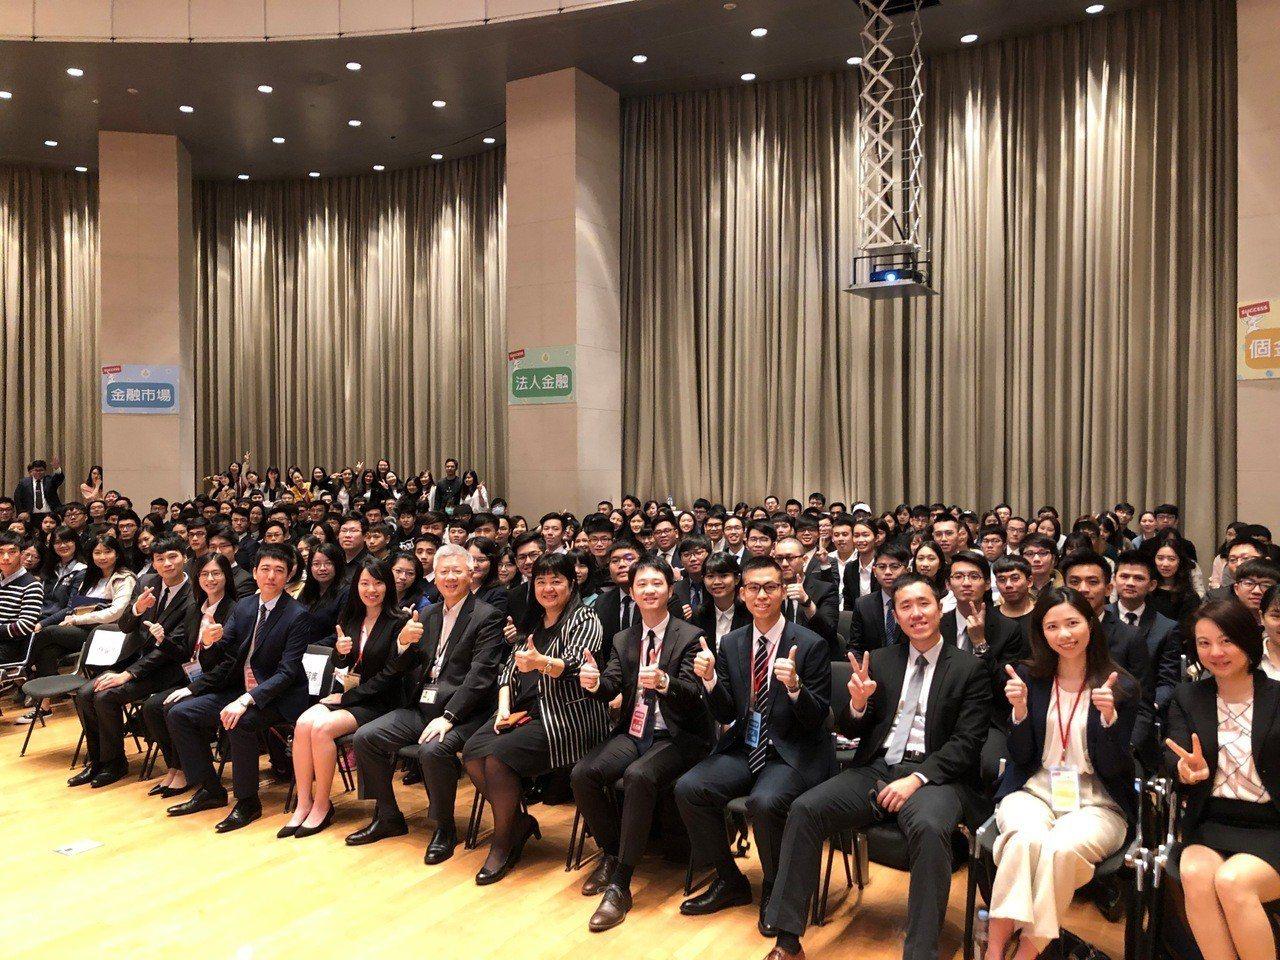 台新金控舉辦儲備菁英說明會,吸引逾300位同學出席。 台新金控/提供